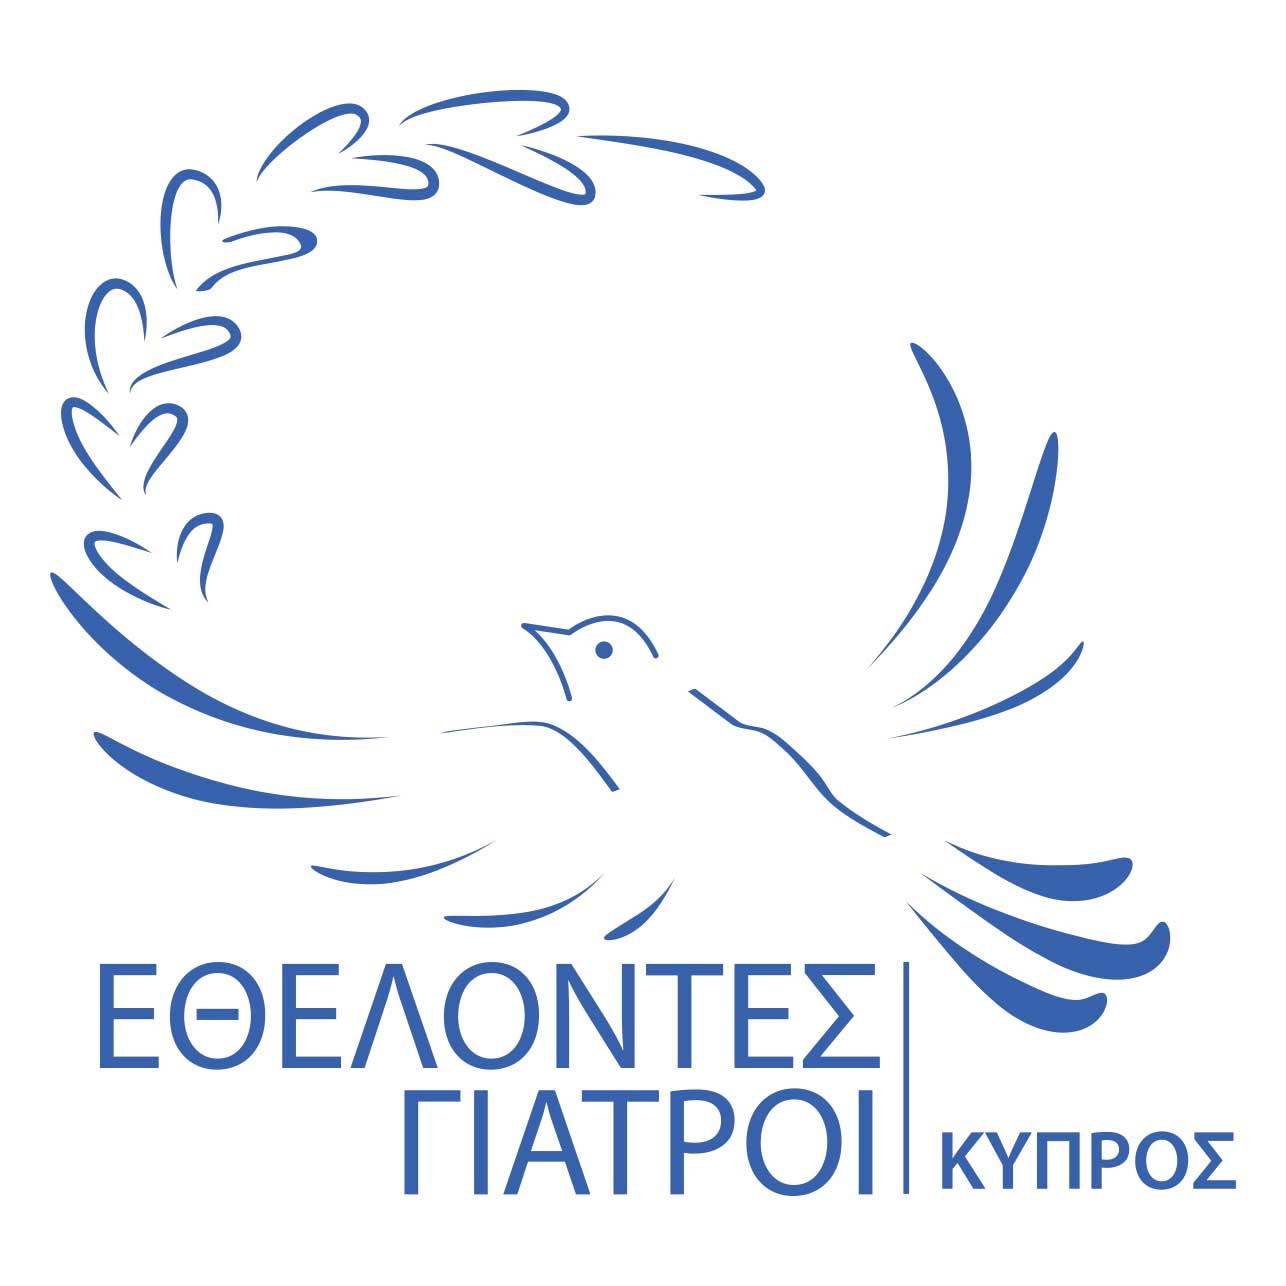 Εθελοντές Γιατροί Κύπρος